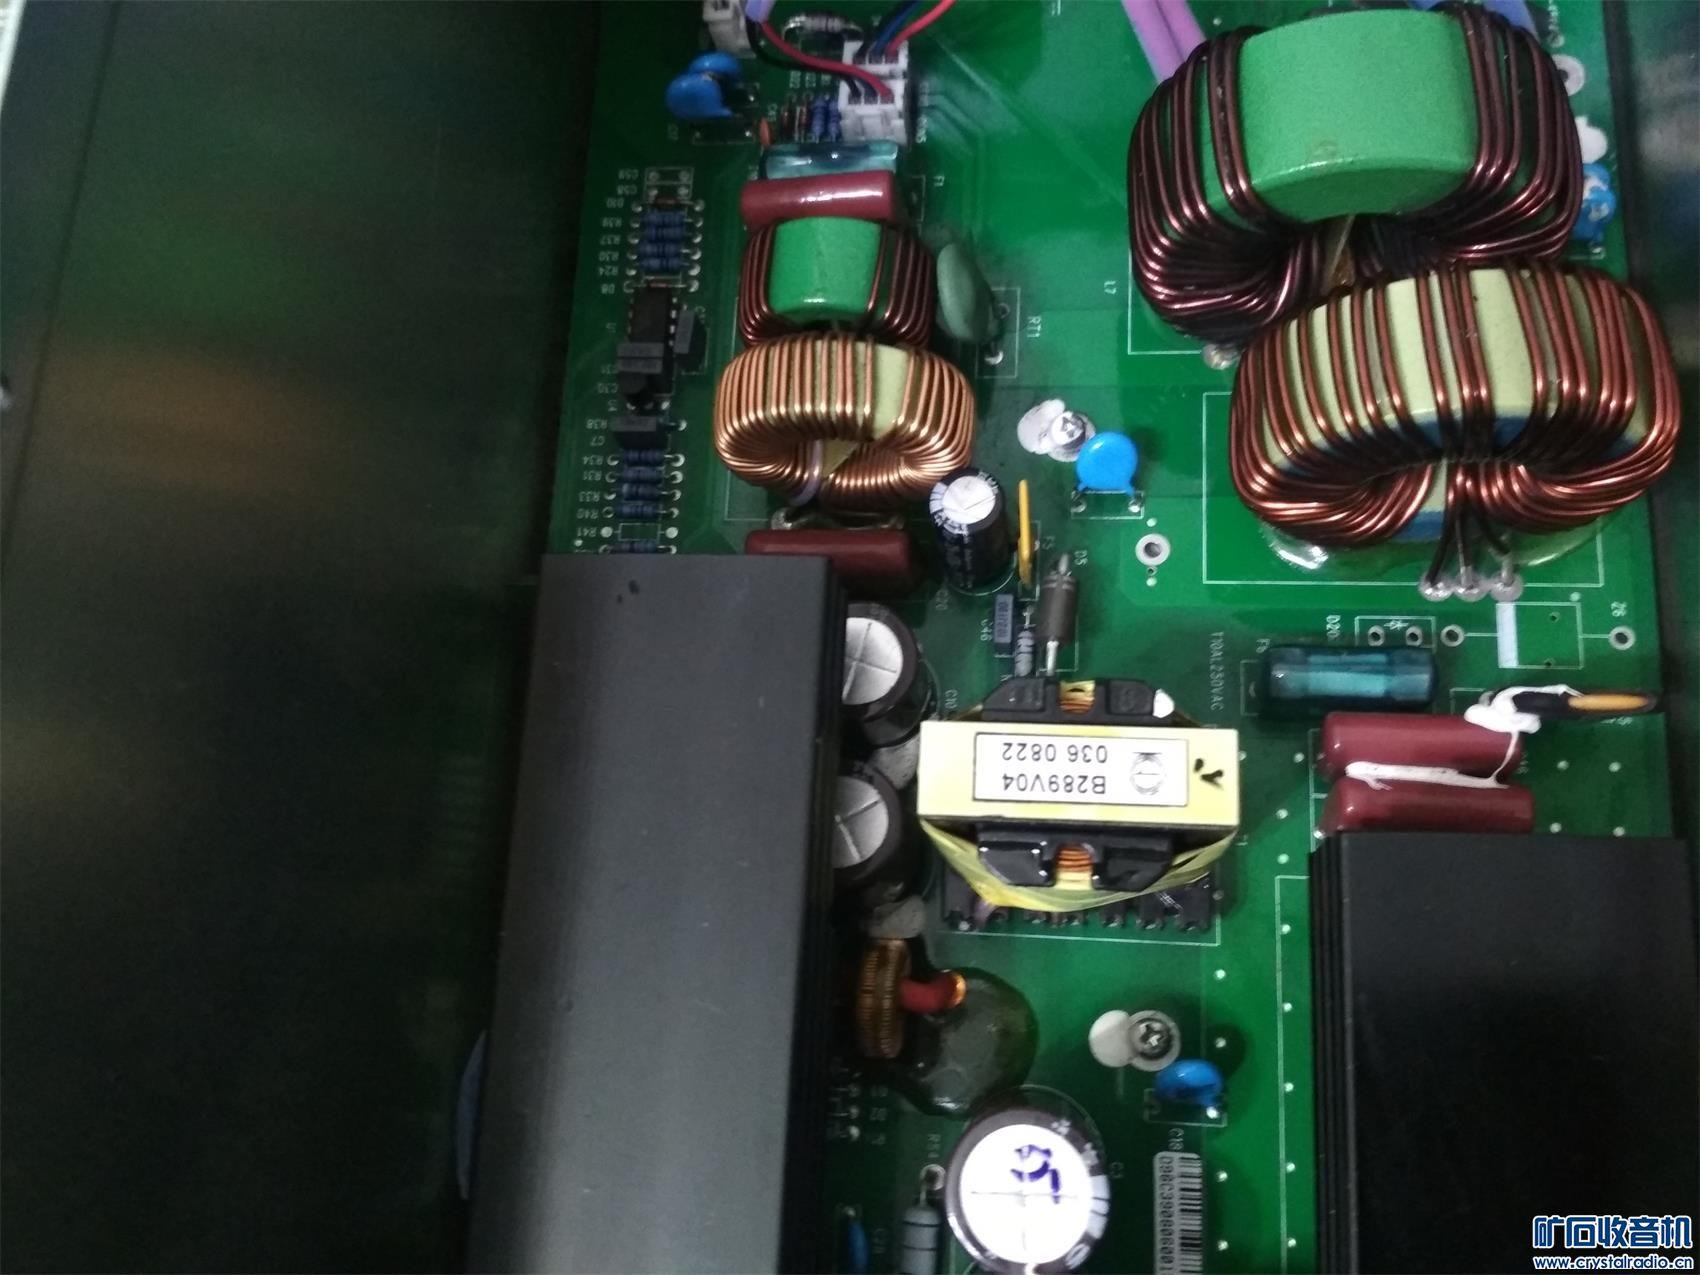 2957号大功率dc-dc电路(工作正常)加漂亮机箱90元 (6).jpg